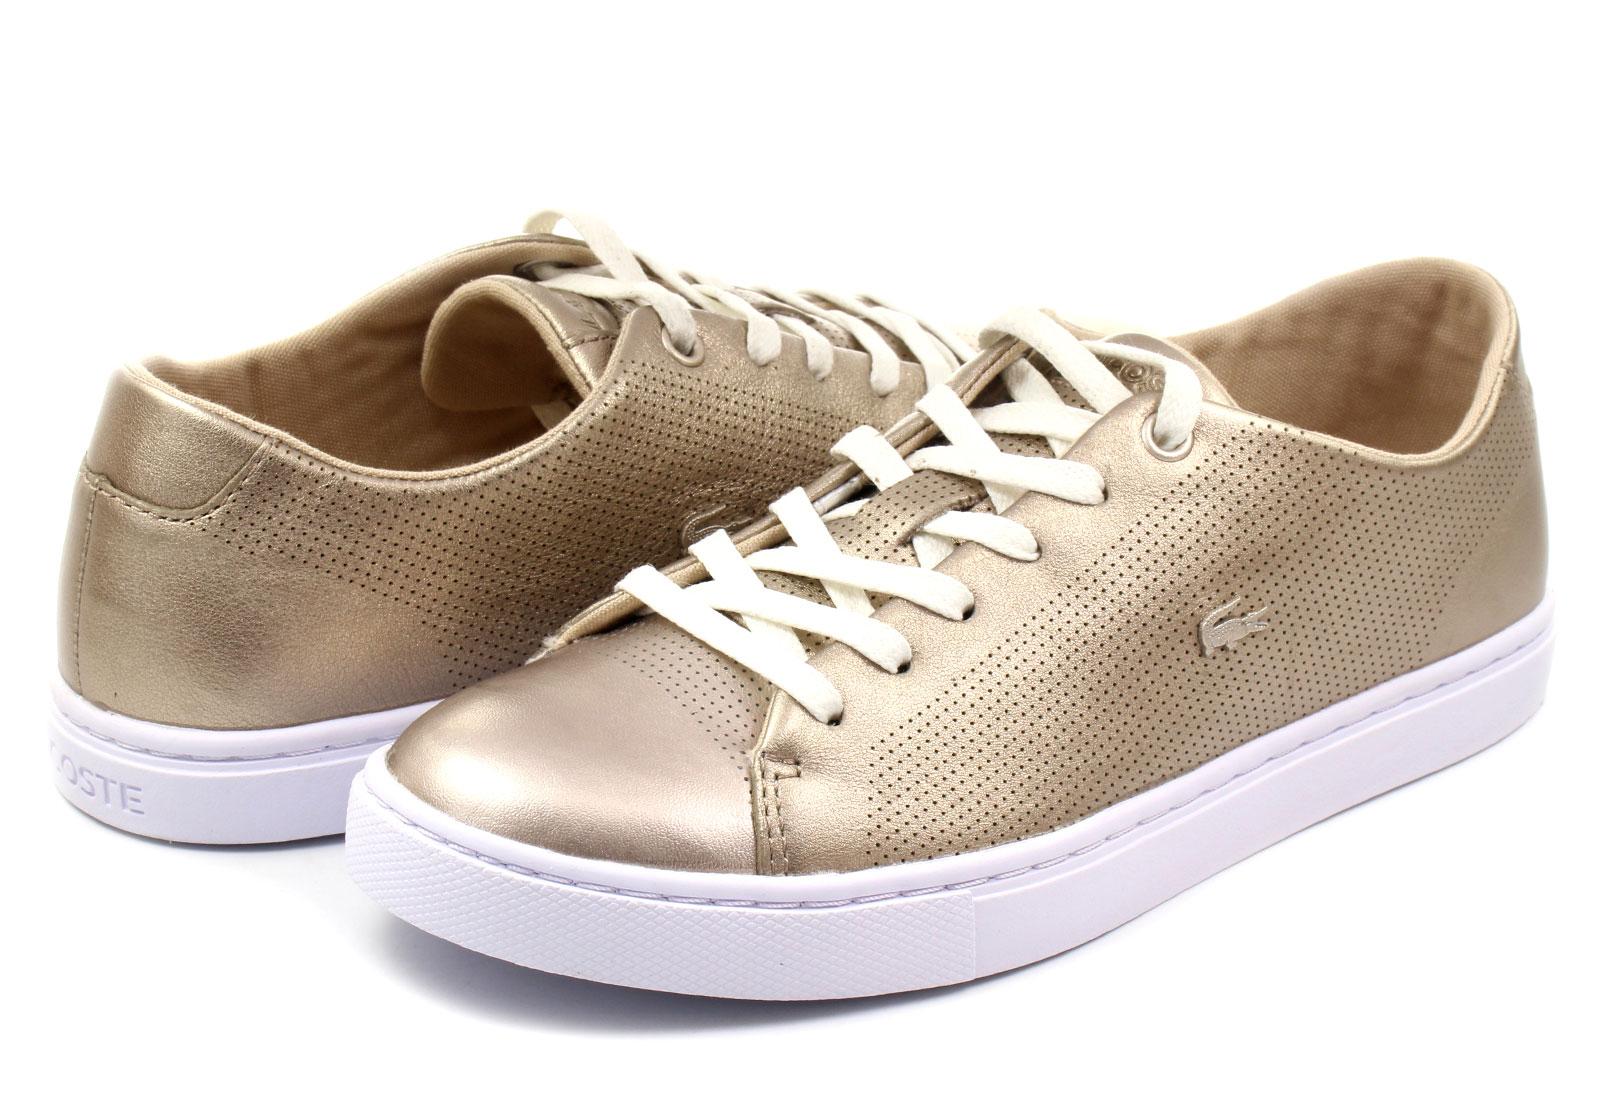 Lacoste Cipő - Showcourt Lace - 161spw0026-2m2 - Office Shoes ... d9514a7f1e